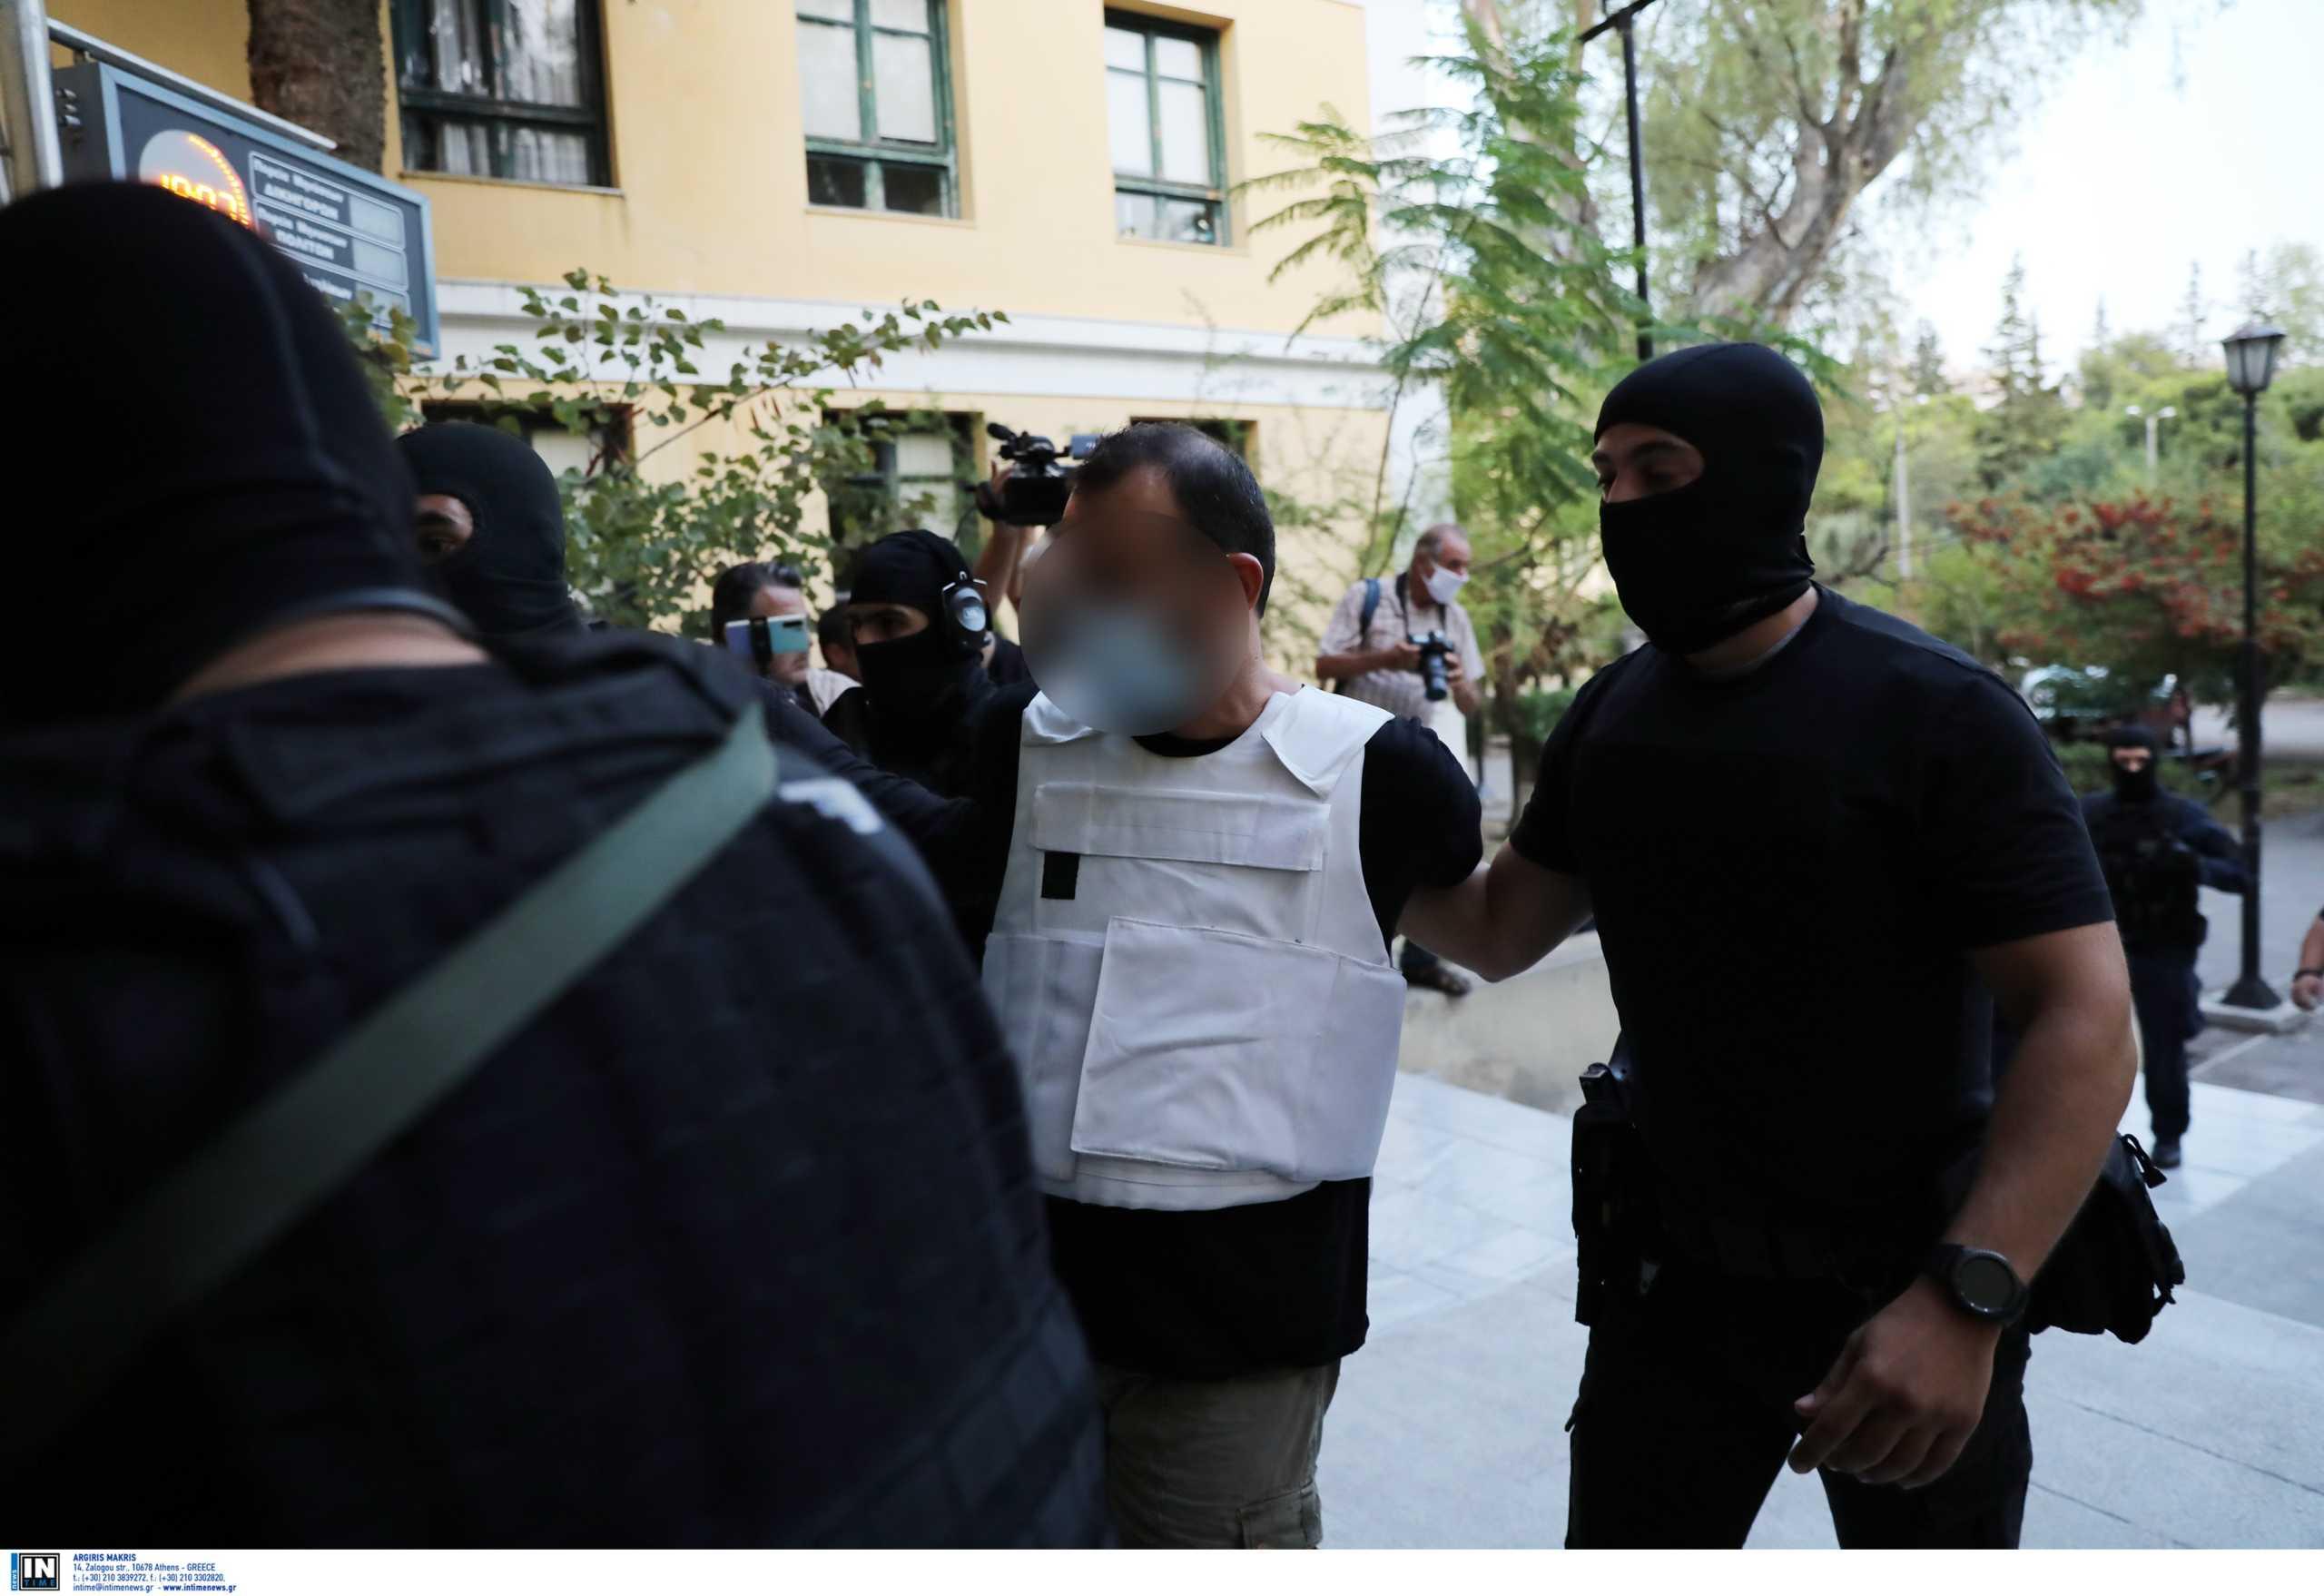 Γιάφκα στο Κουκάκι: Τους… πρόδωσαν τα χαλασμένα υδραυλικά – Οι διώξεις που ασκήθηκαν στους τρεις συλληφθέντες